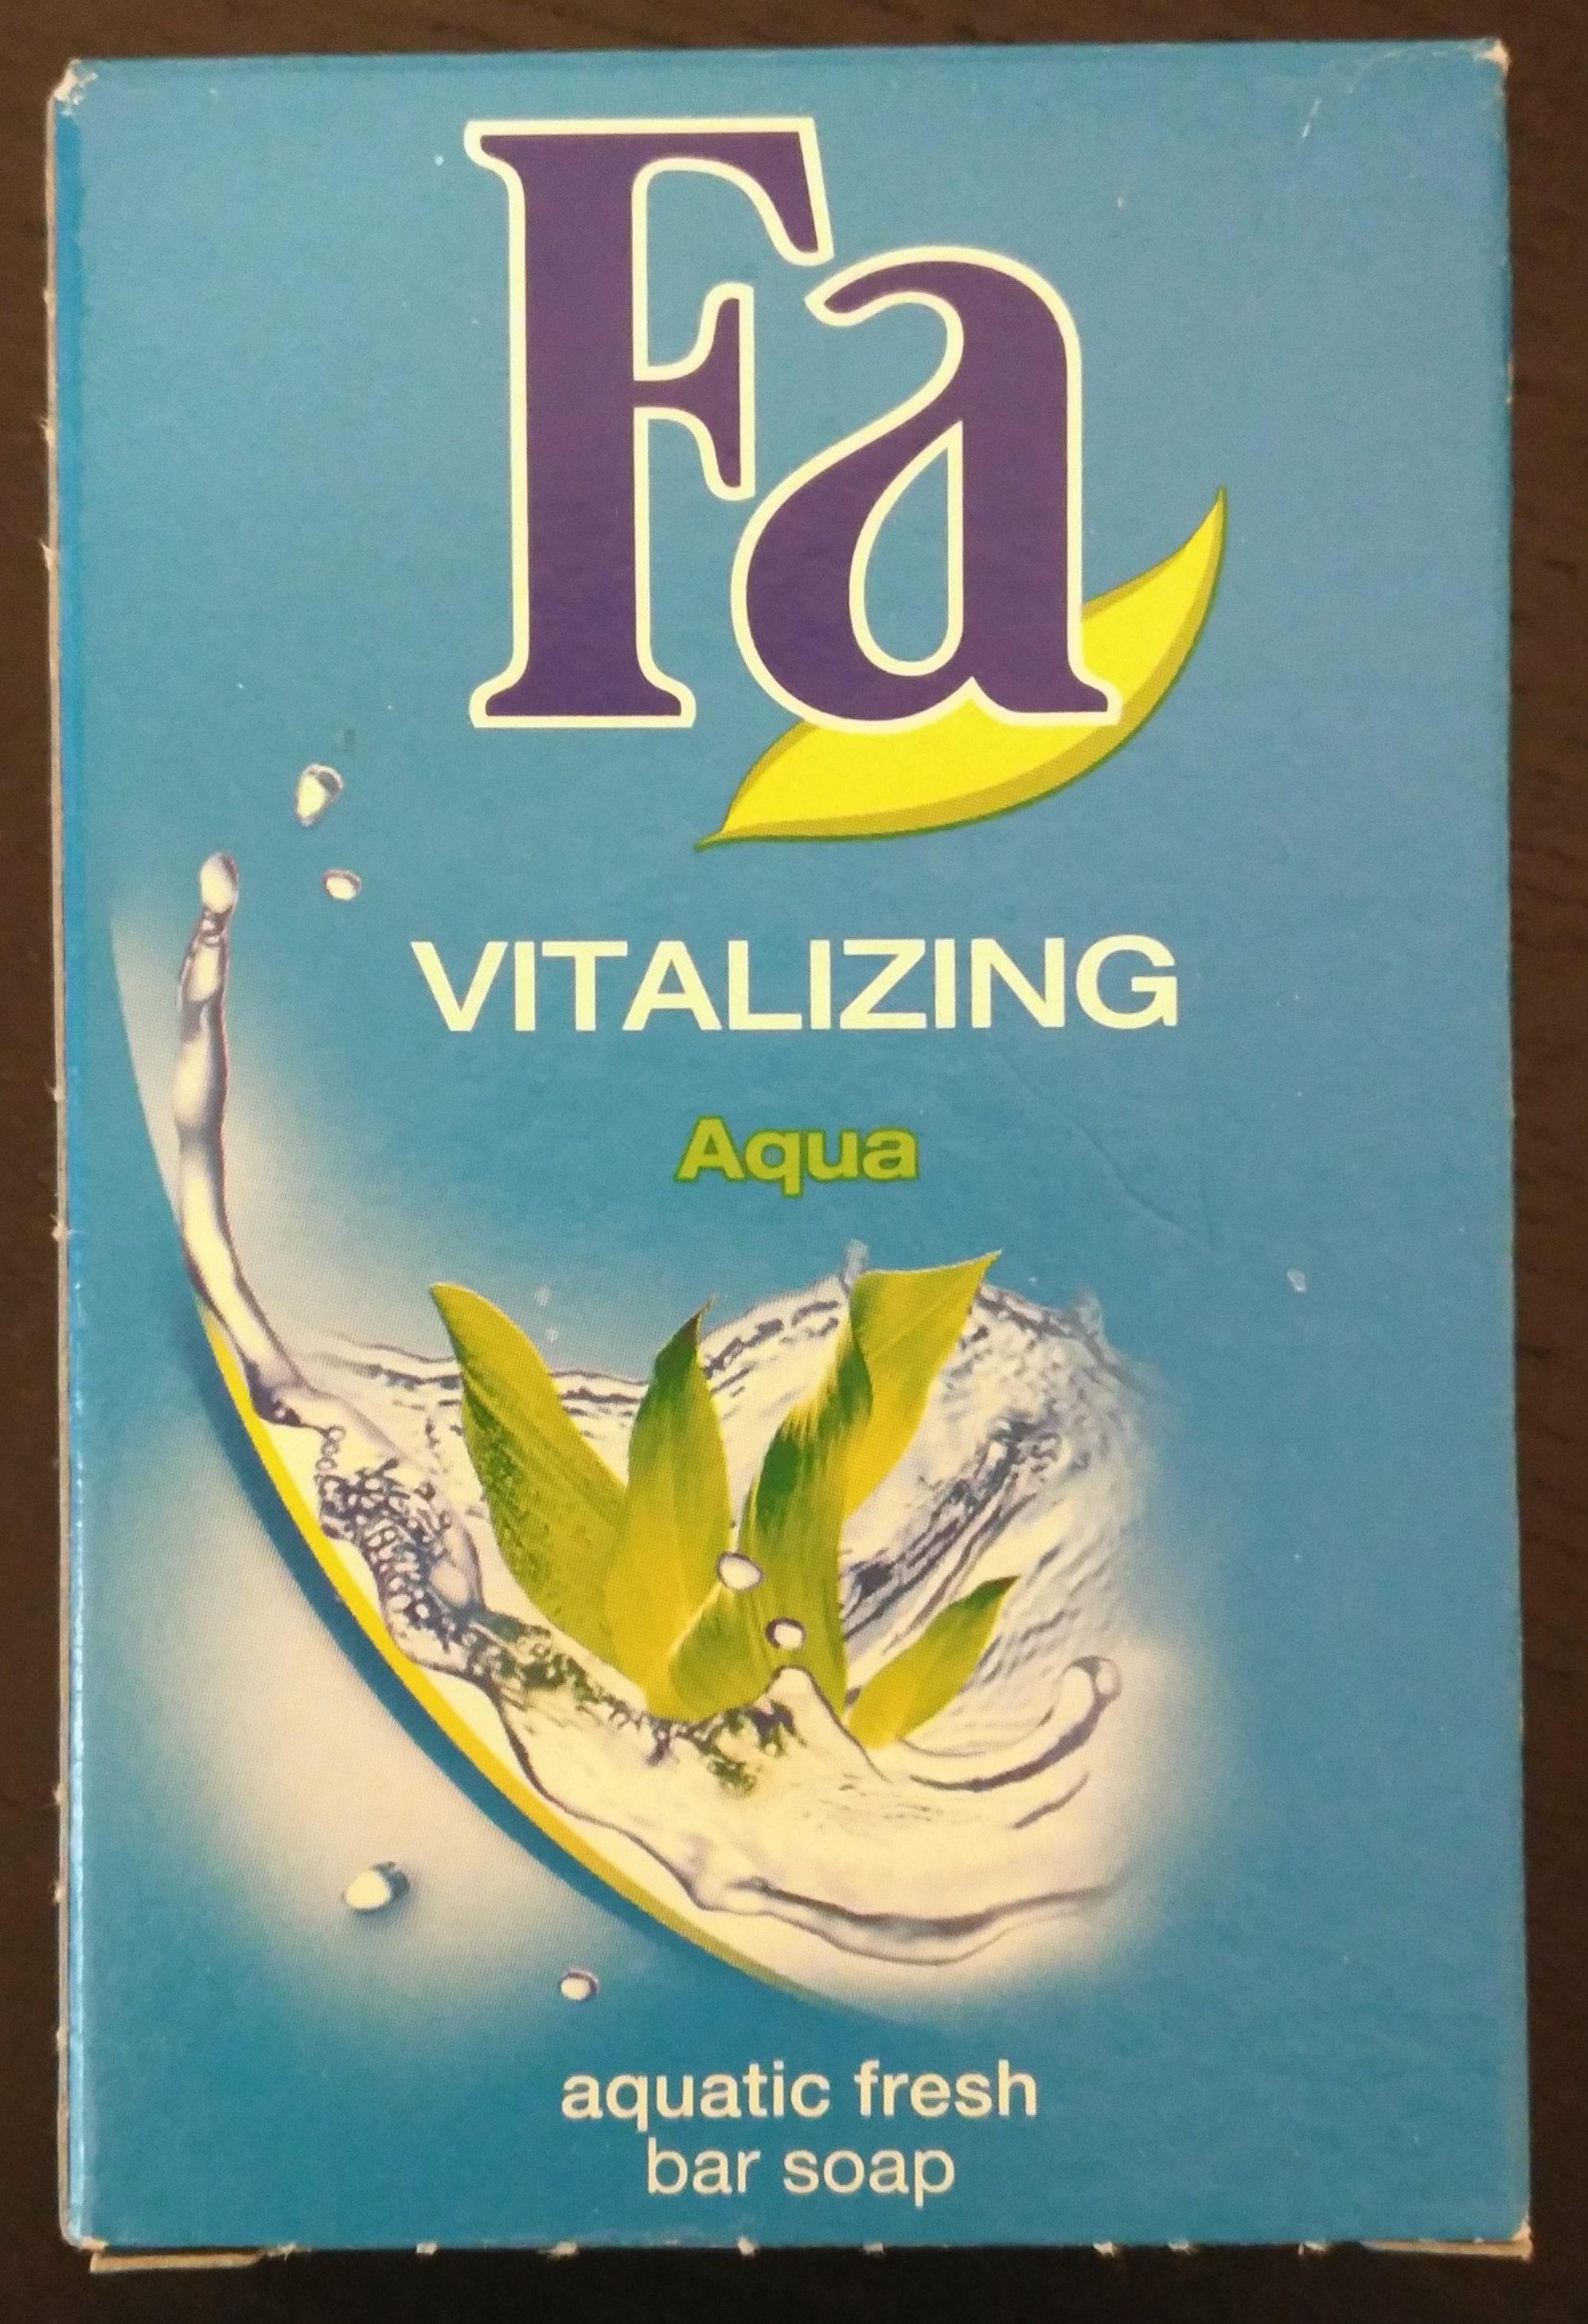 Vitalizing Aqua Festseife mit aquatisch-frischem Duft - Product